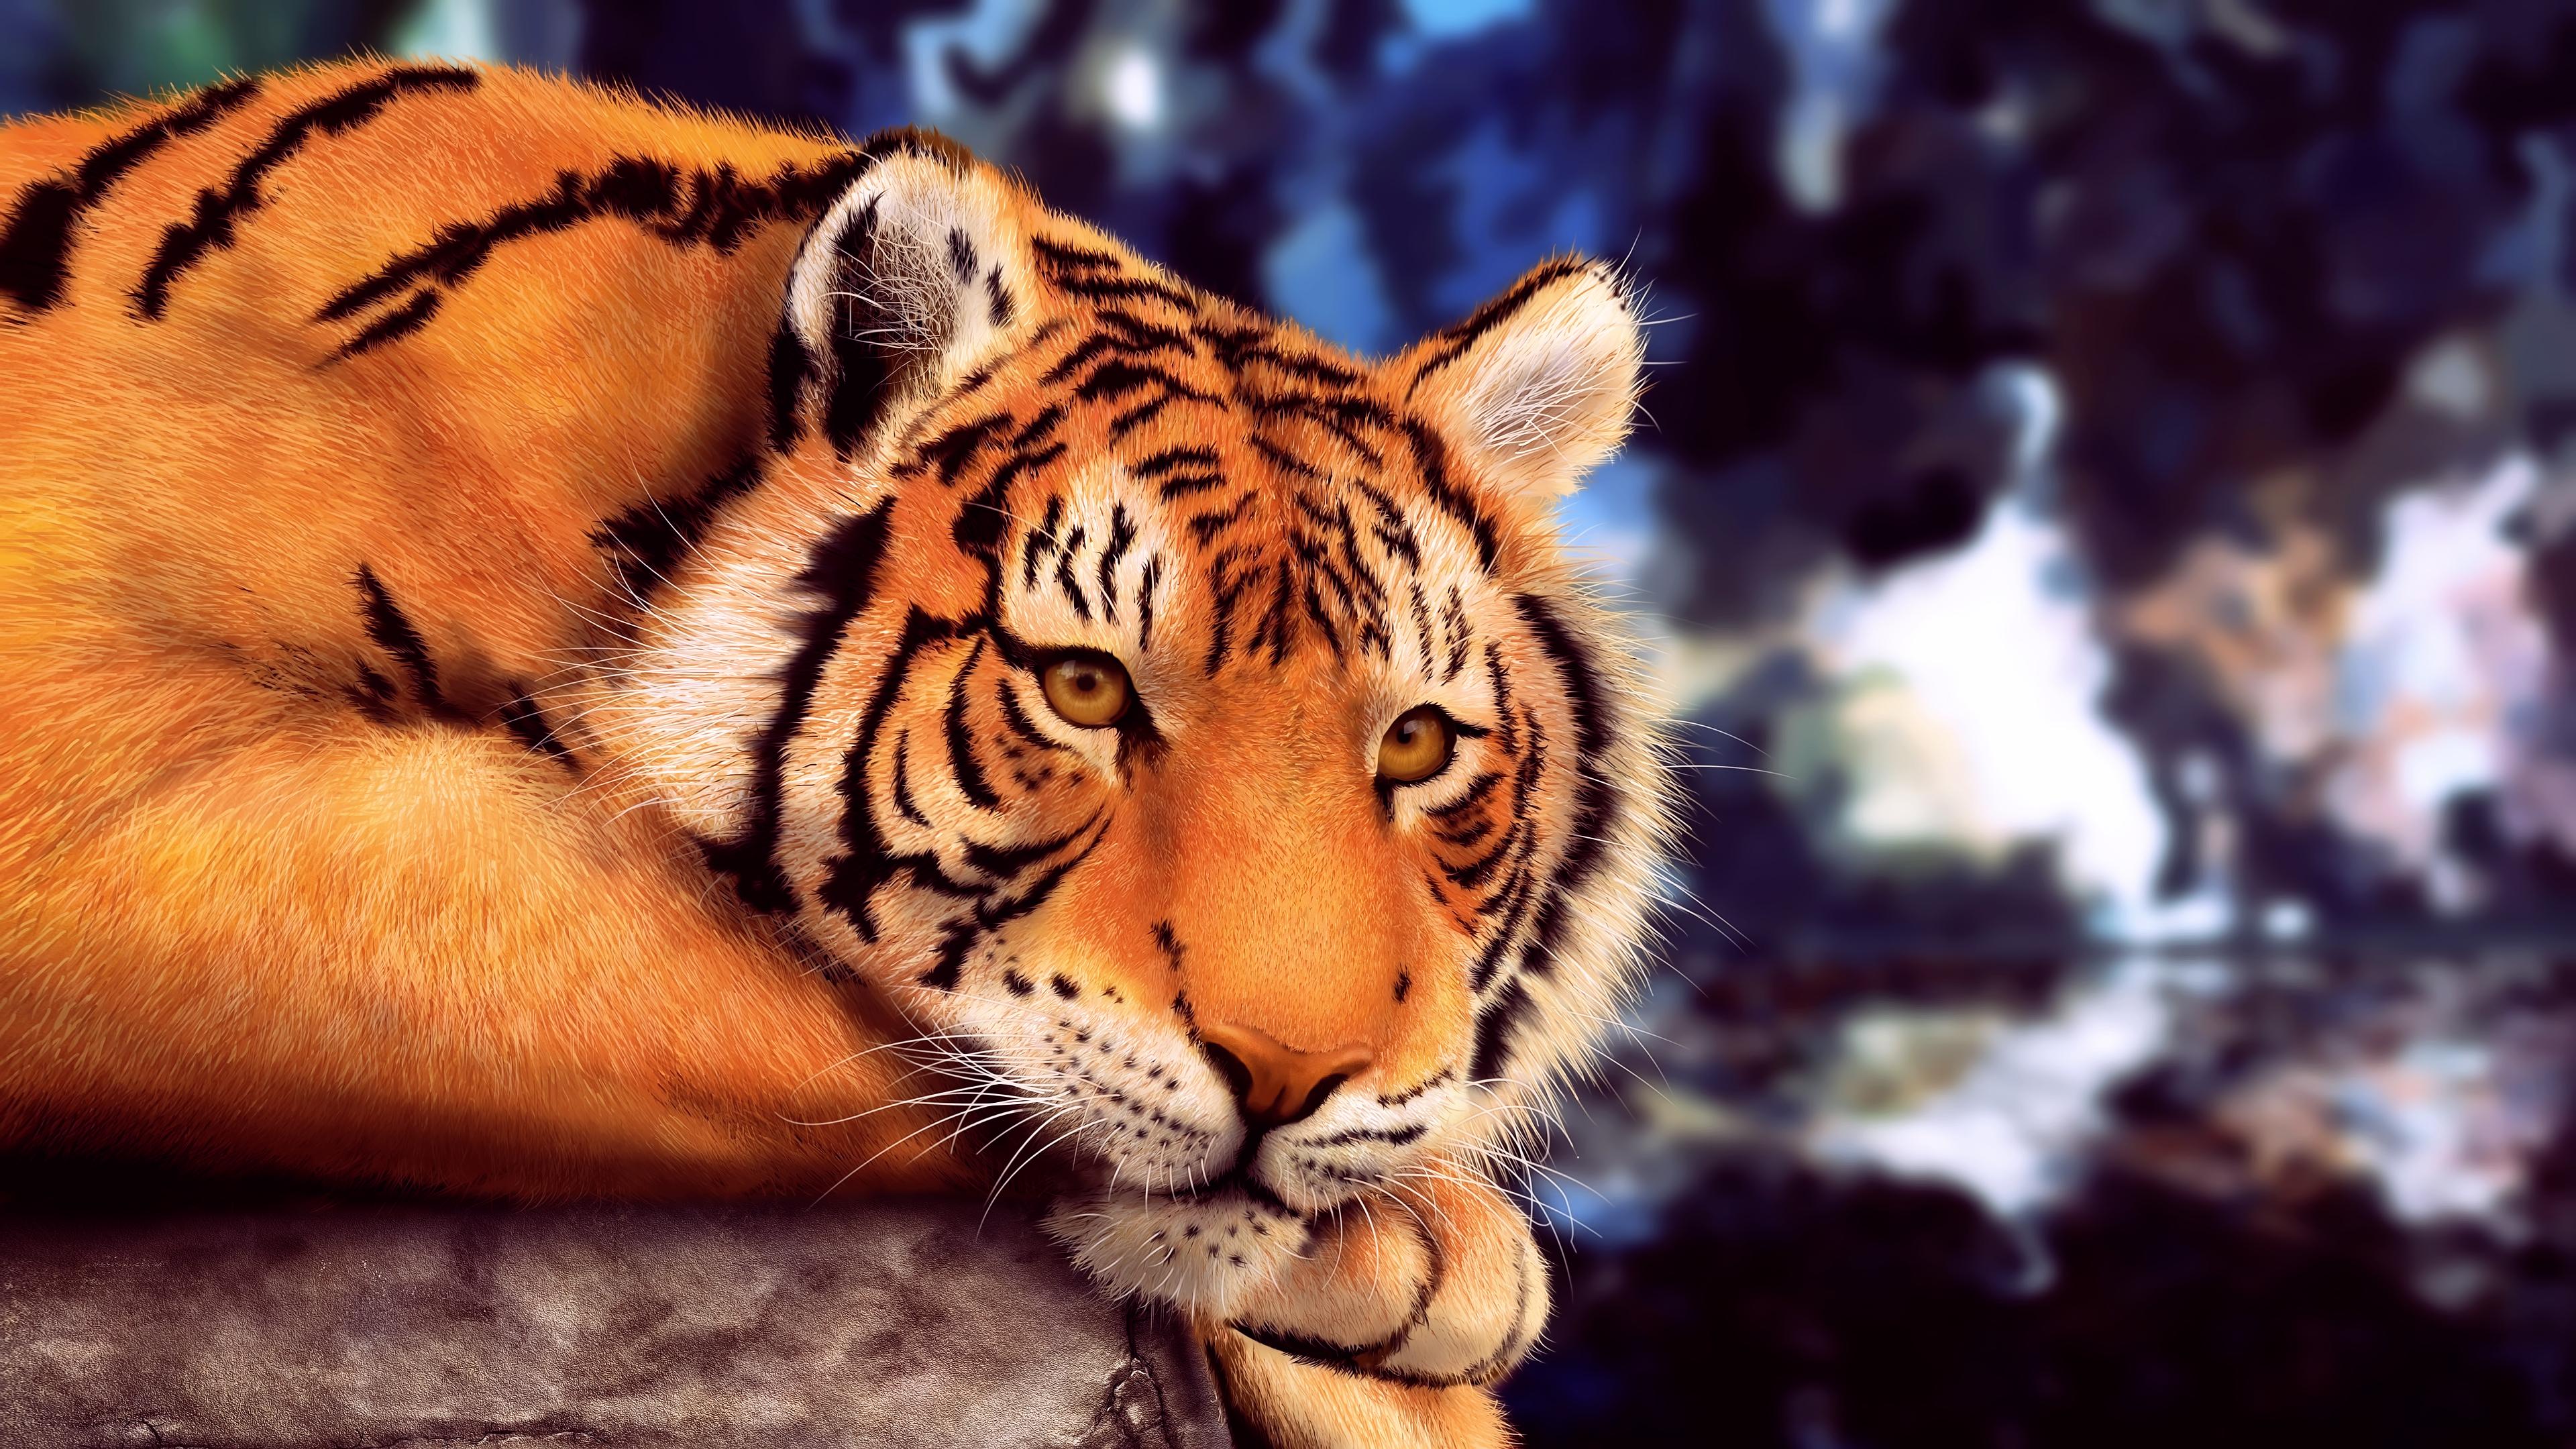 Фото самых больших пород кошек выдаче разрешения